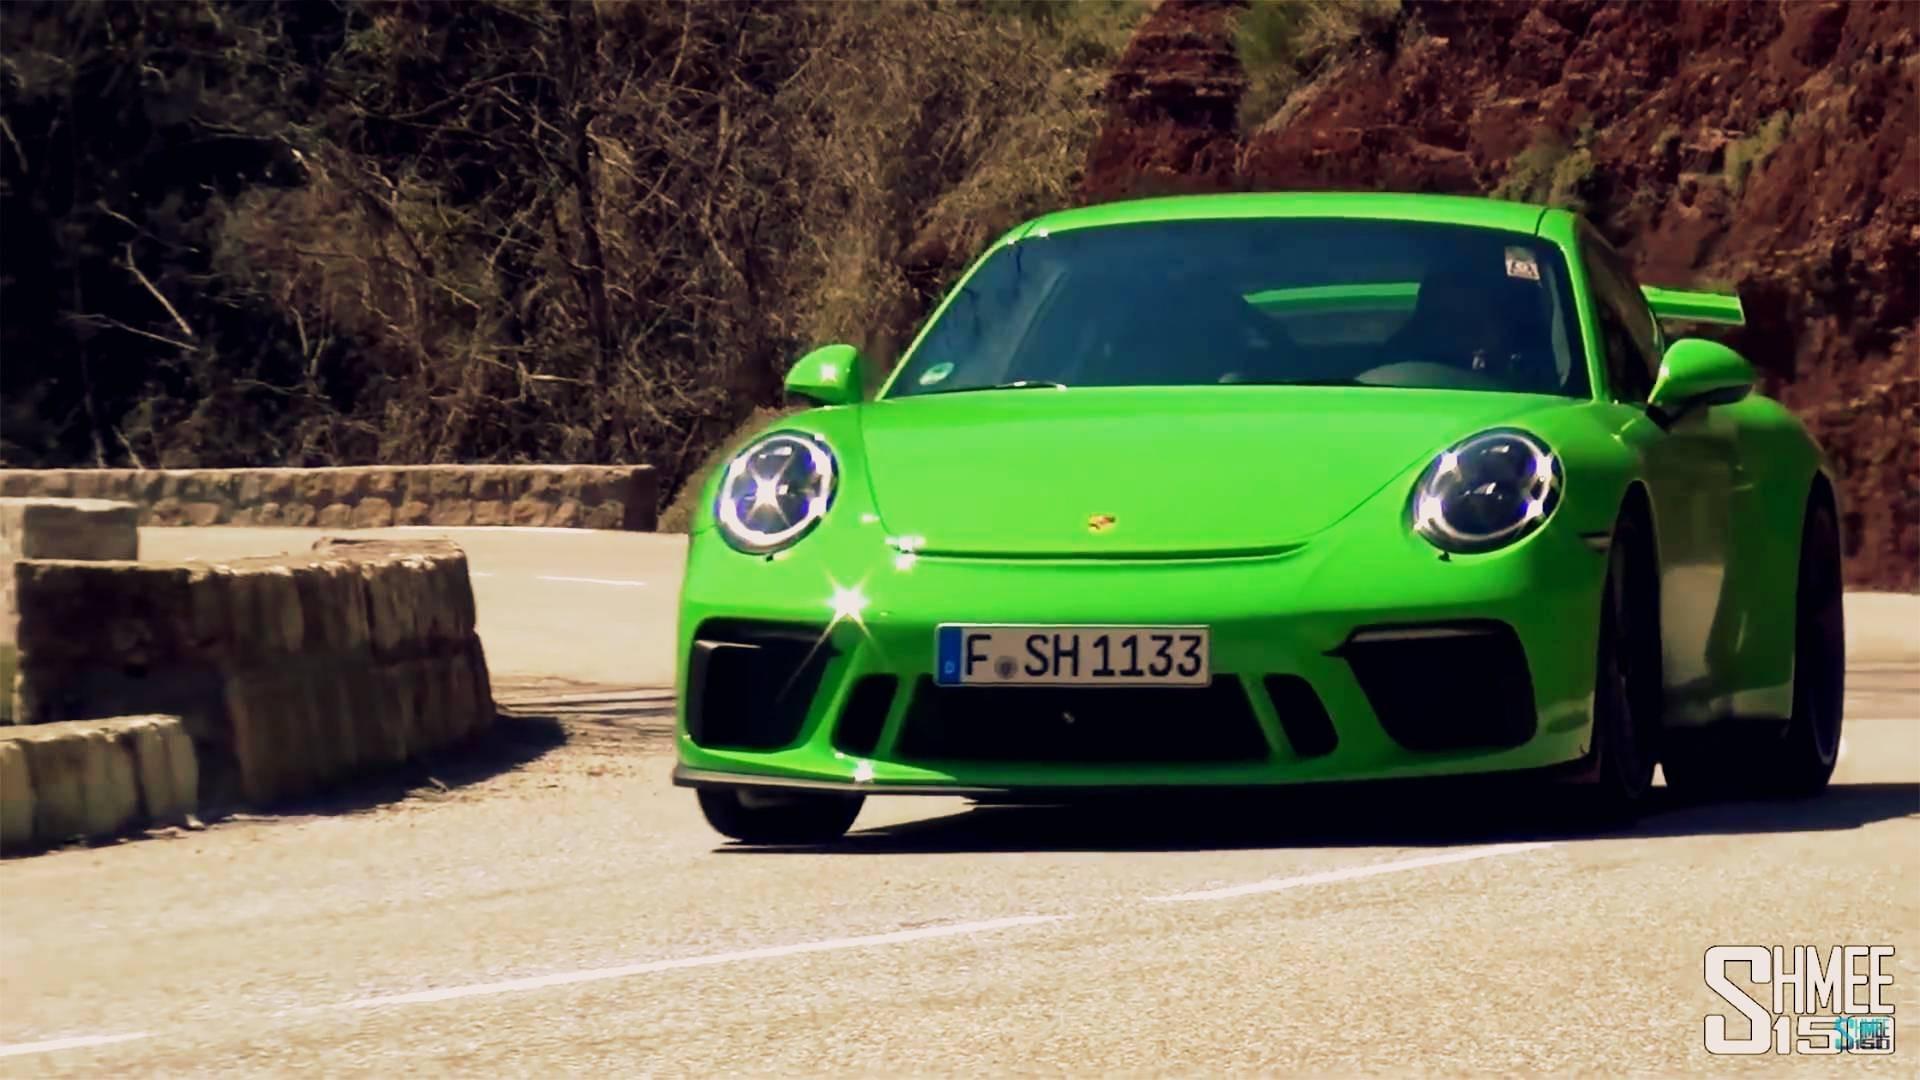 Vidéo : Juste pour le plaisir des oreilles ! Porsche 911 GT3 par Shmee150